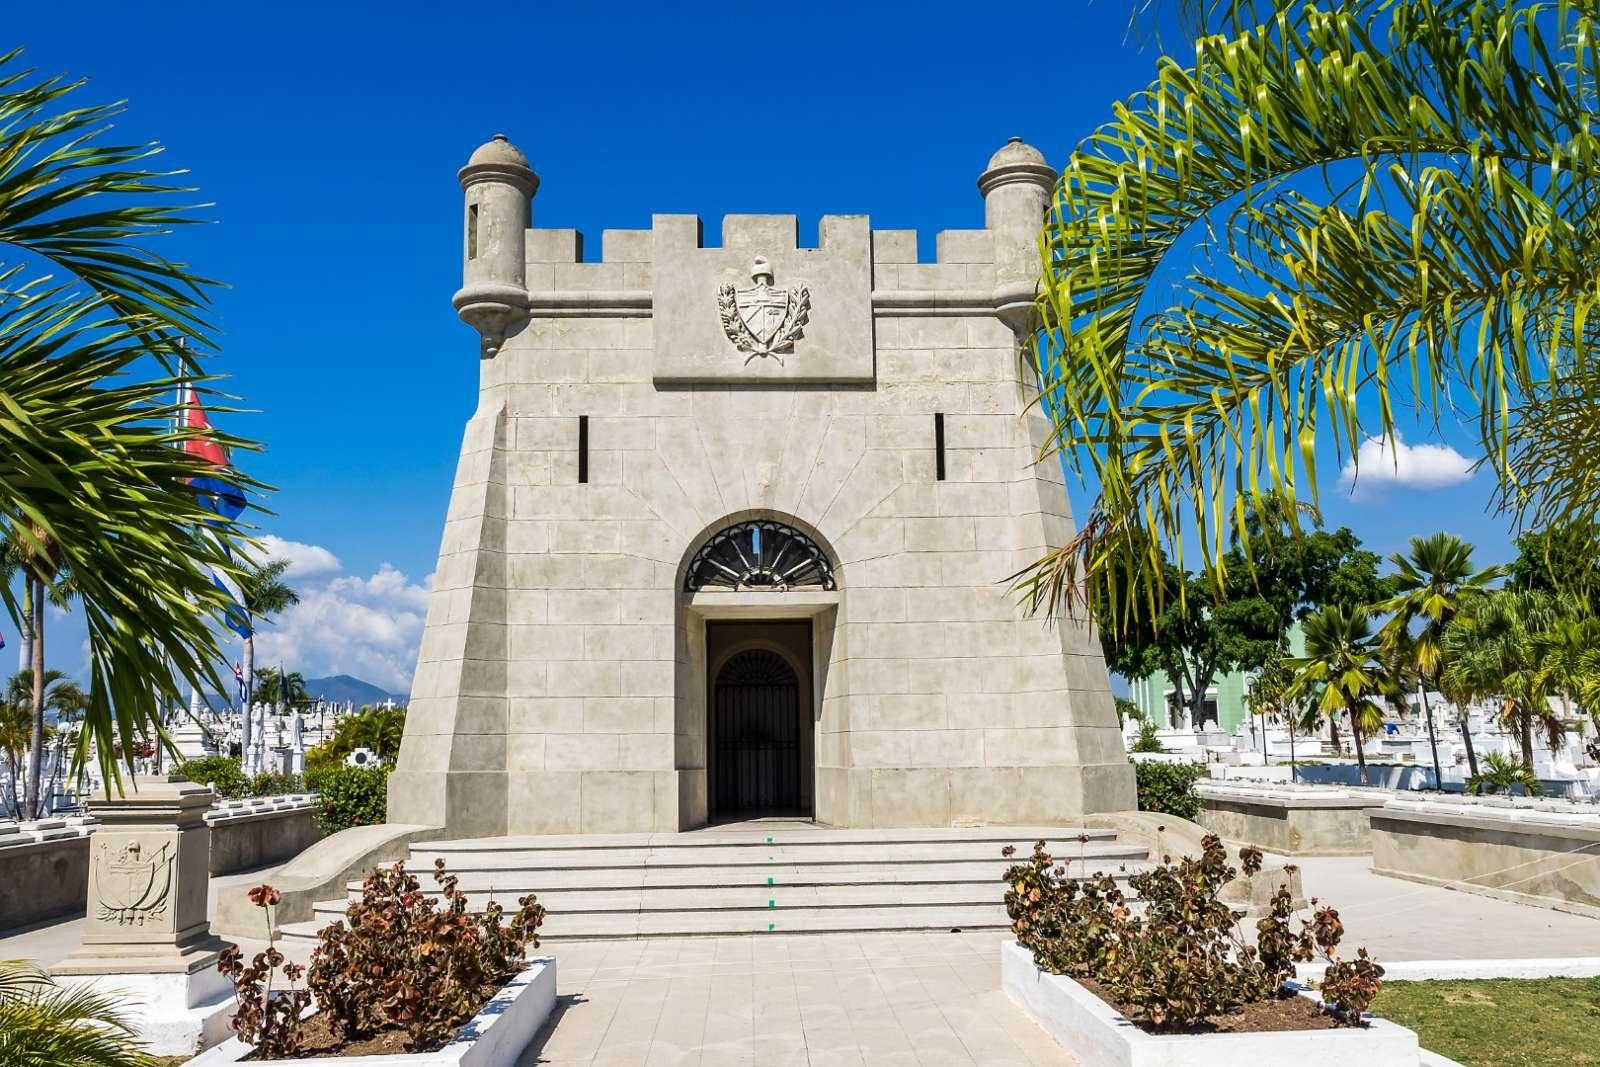 Santa Ifigenia cemetery in Santiago de Cuba